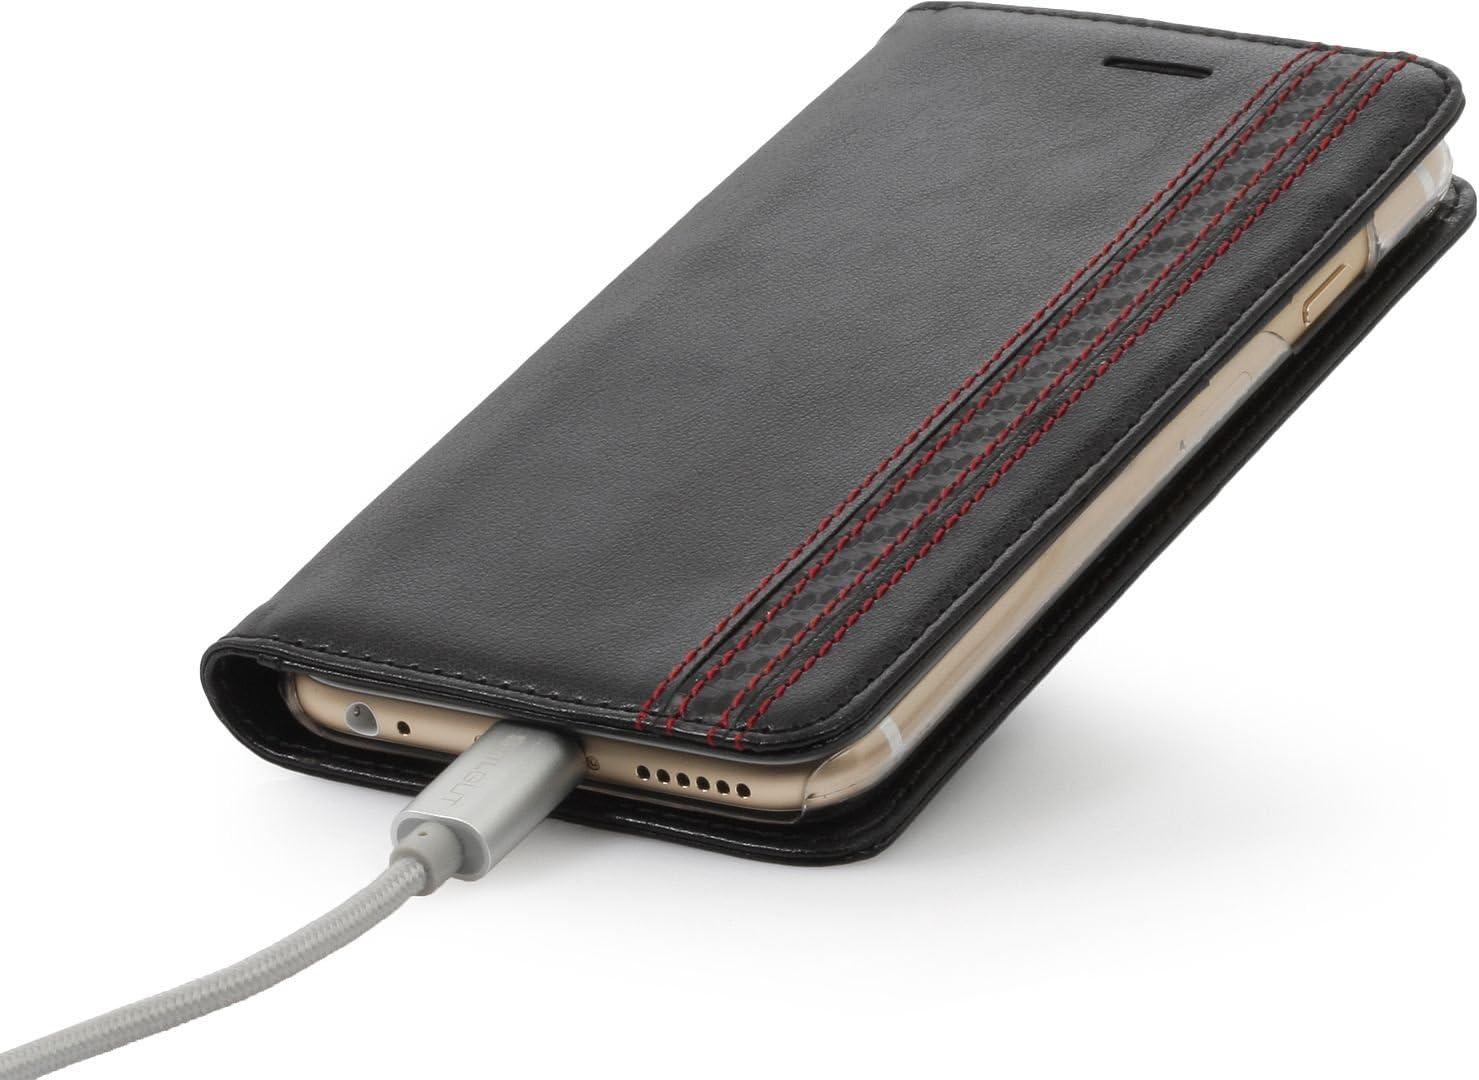 Recensione custodia StilGut Talis in carbonio per iPhone 6 Plus